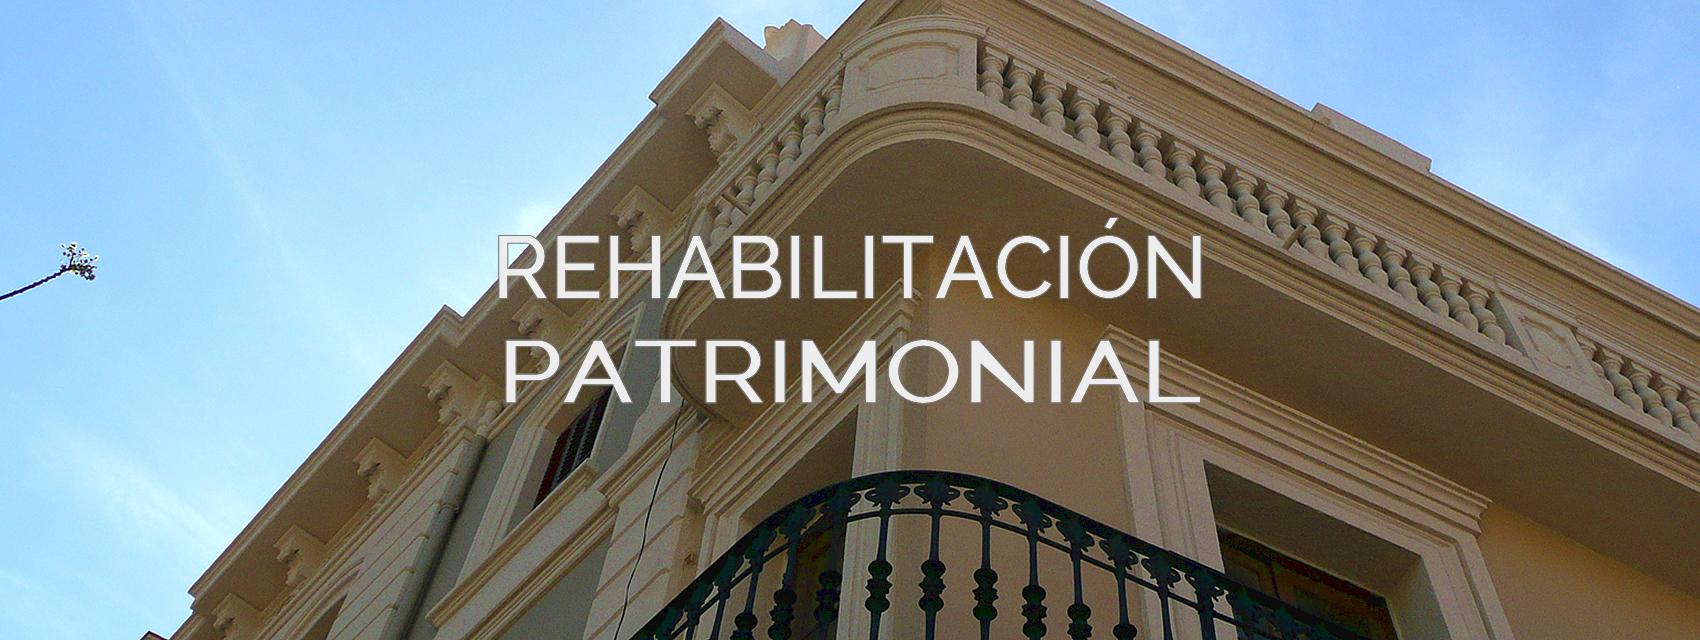 Empresa de Rehabilitación Patrimonial